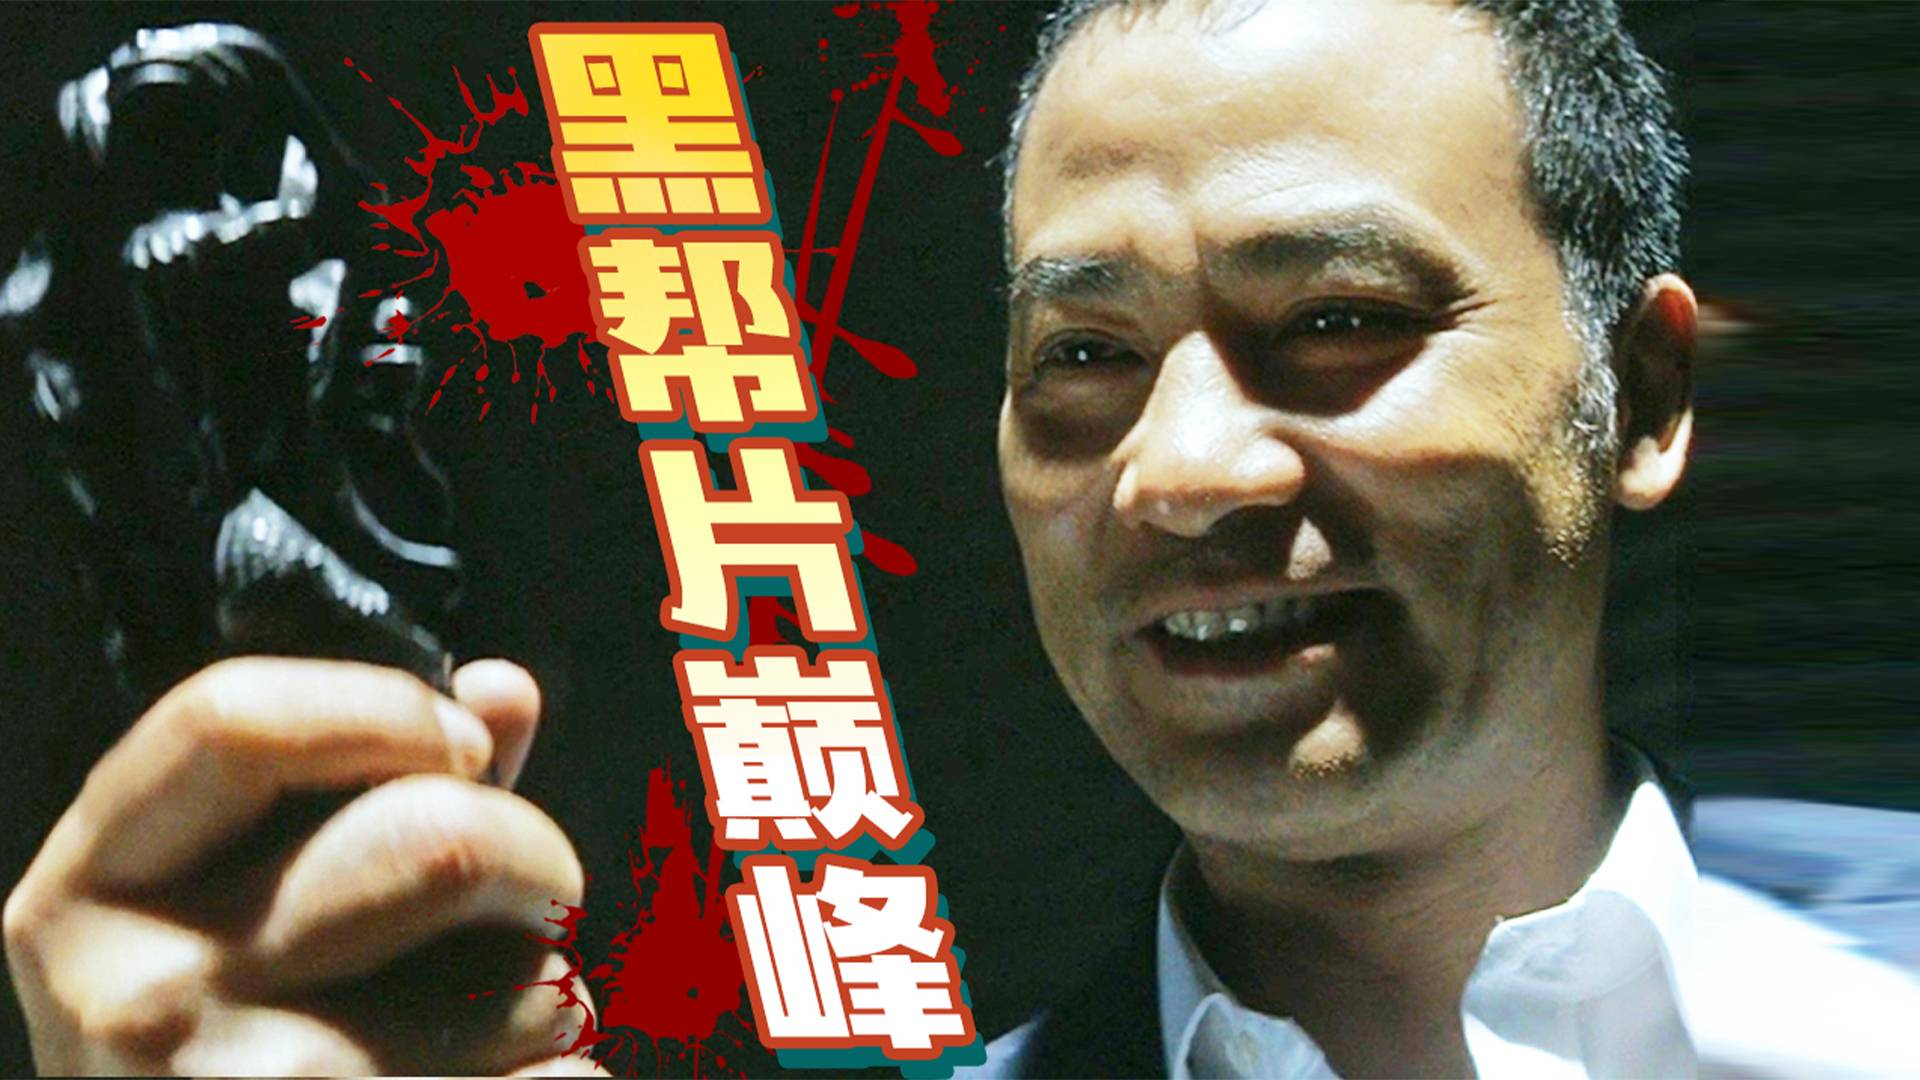 【片片】香港最硬的黑帮片!四大影帝飙戏,中国黑帮片教科书!《黑社会》